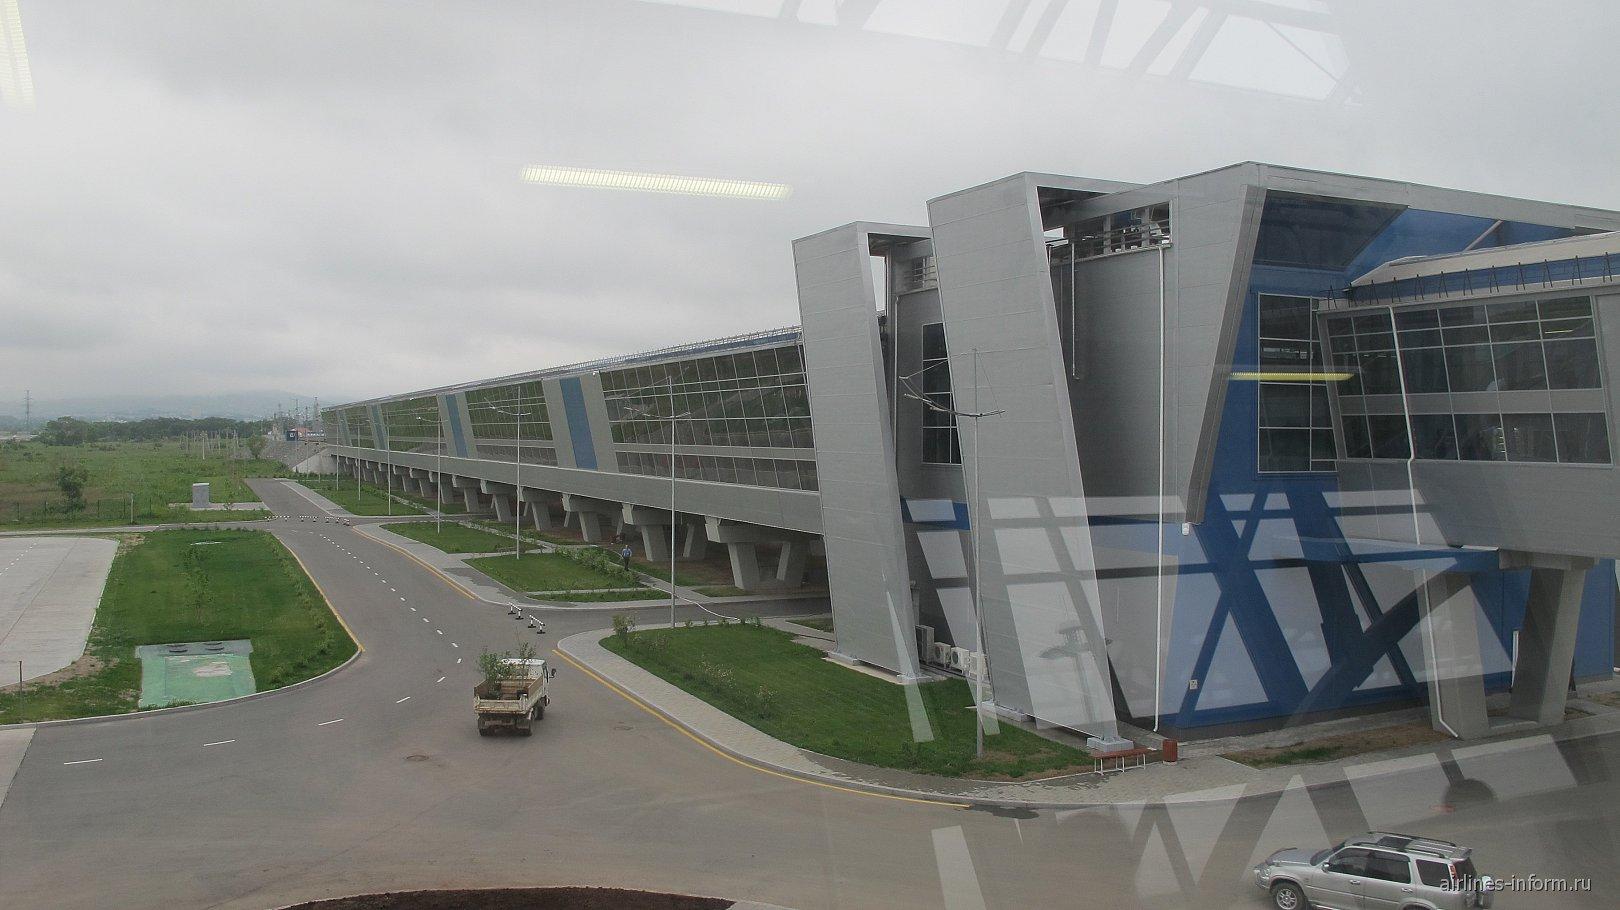 Терминал Аэроэкспресса в аэропорту Владивосток Кневичи